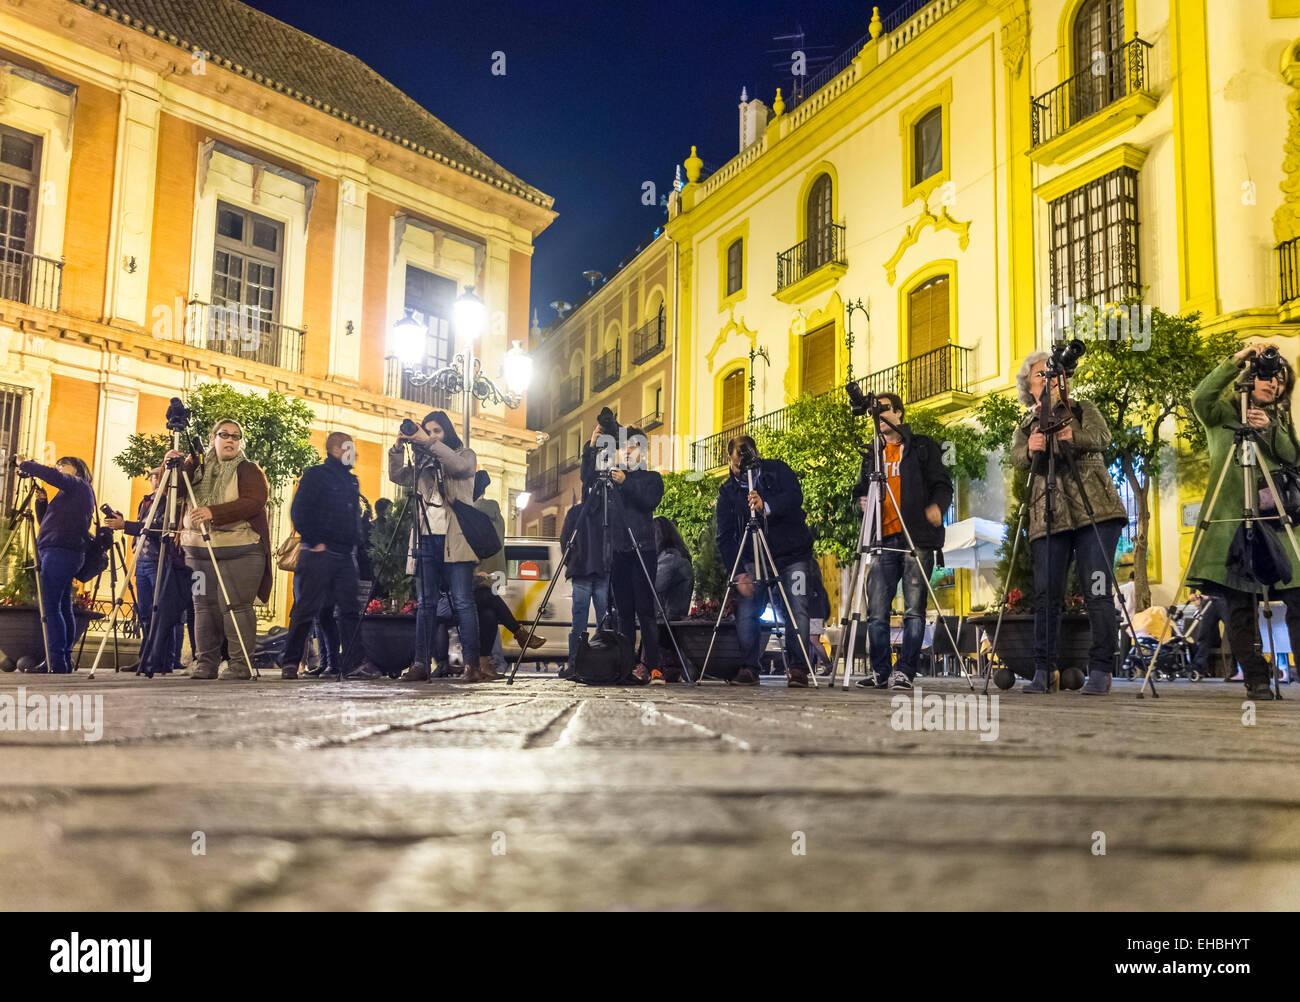 Séville Espagne, groupe de photographes avec trépieds de nuit sur photo tour guidée visant à Photo Stock